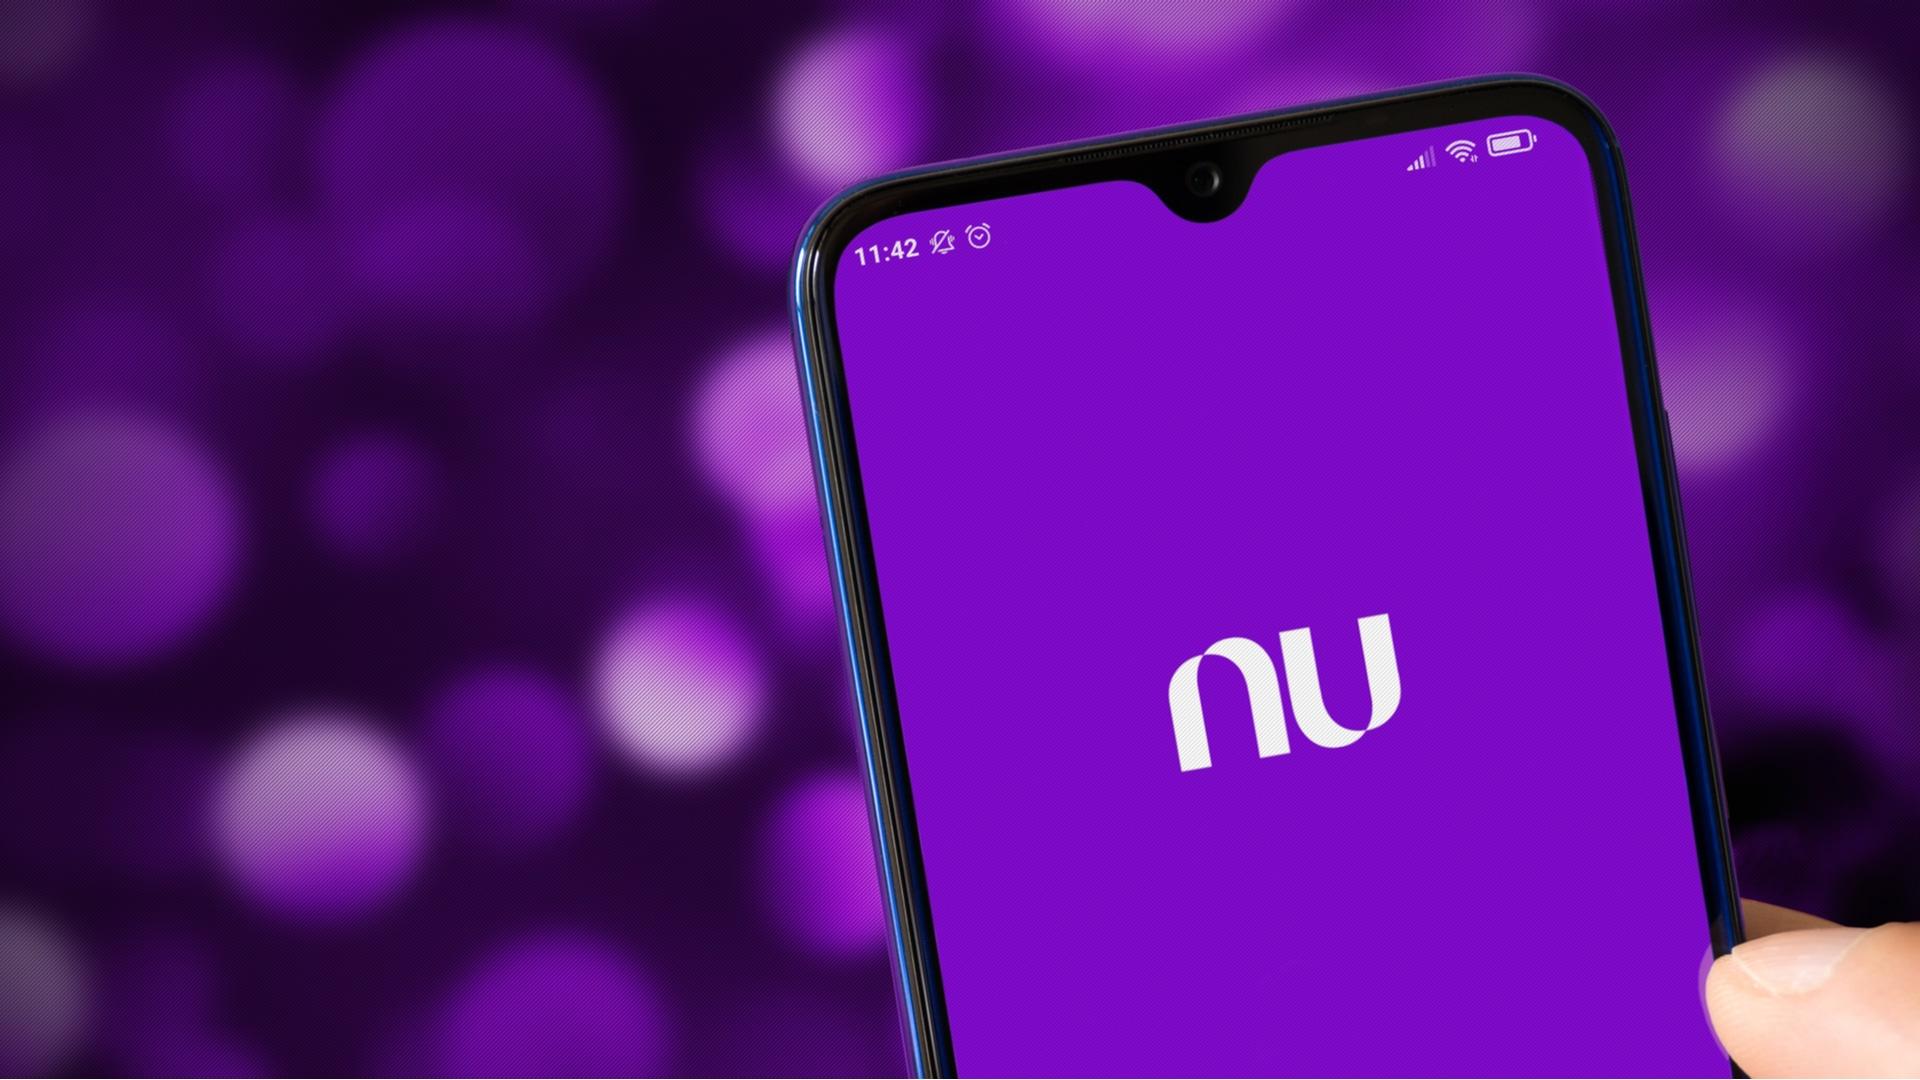 Nubank usará tecnologia da Ripple em nova função de transferências internacionais